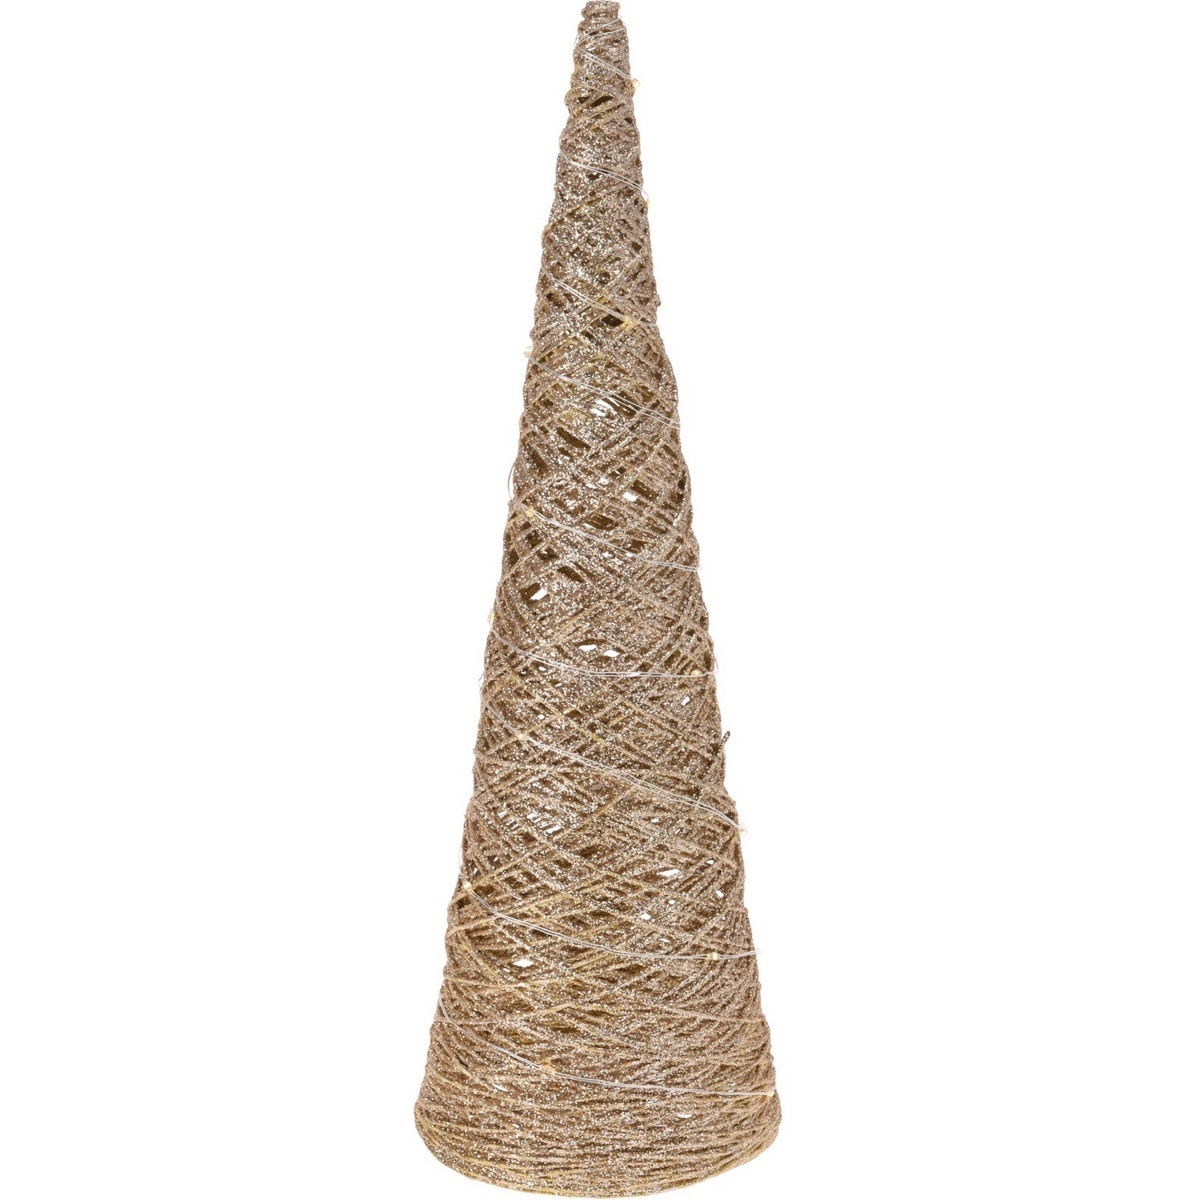 Vánoční LED kužel Cavallo zlatá, 12 x 40 cm